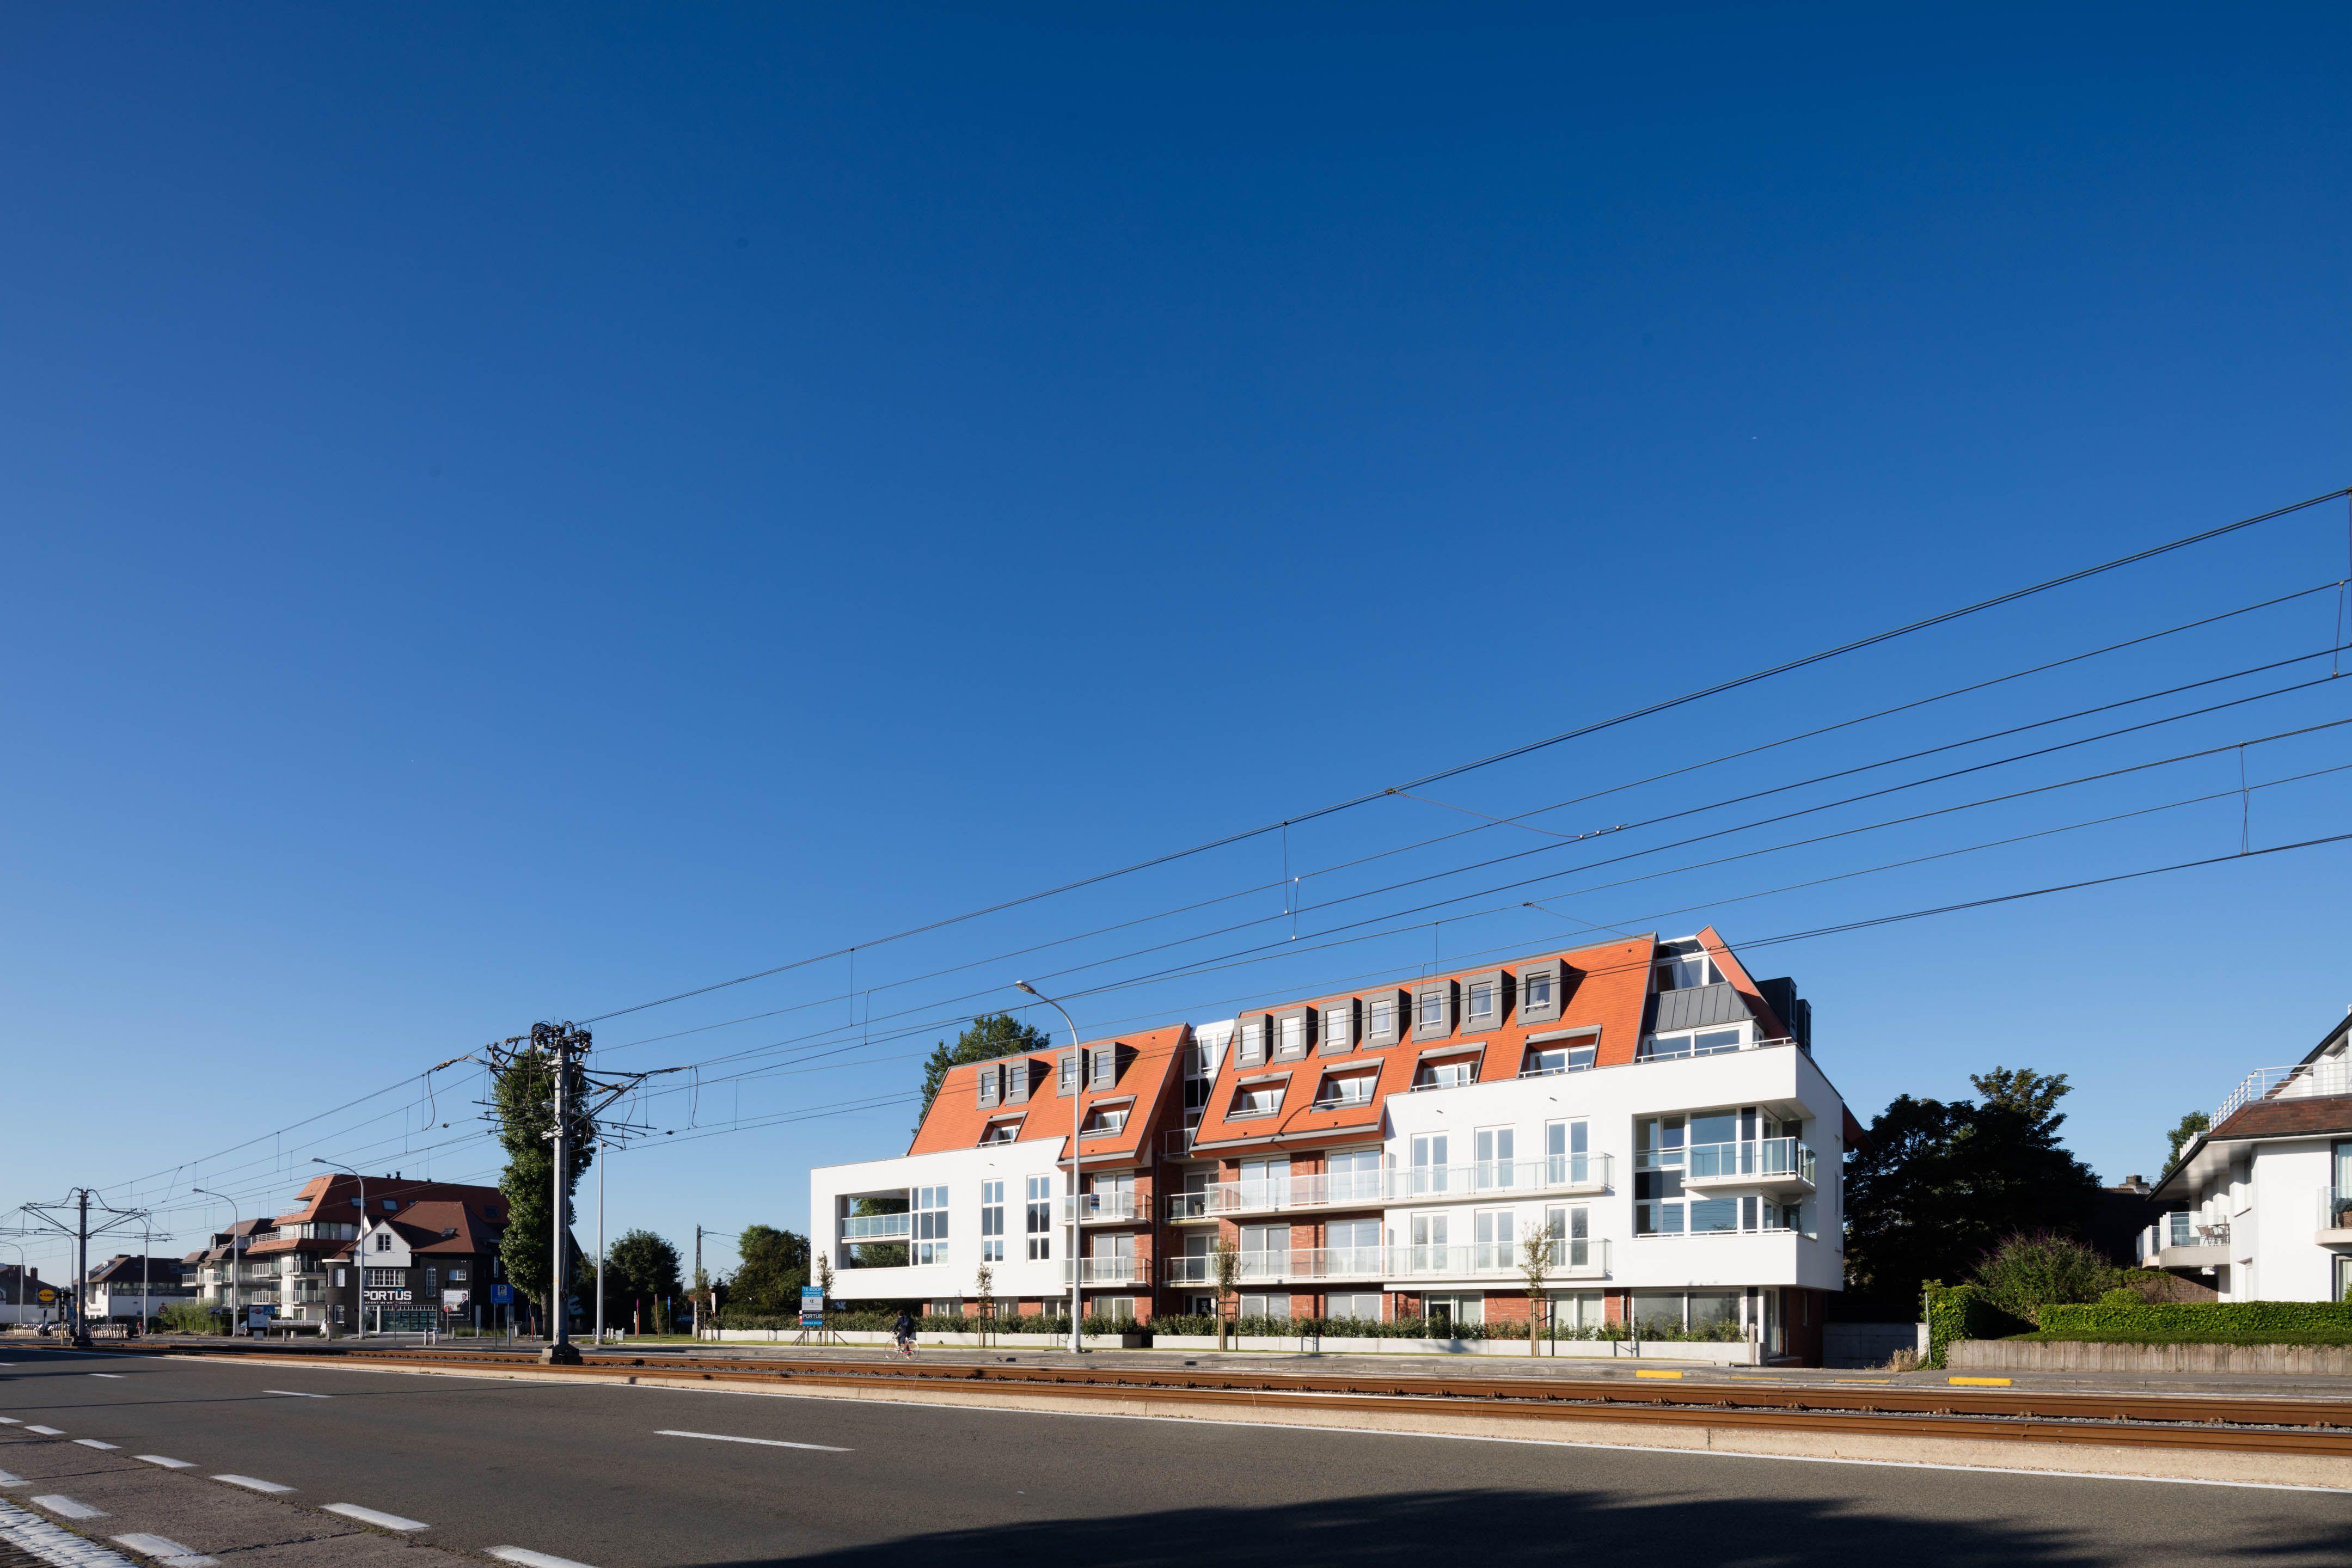 Appartement Residentie Villa Crombez Nieuwpoort - 9305